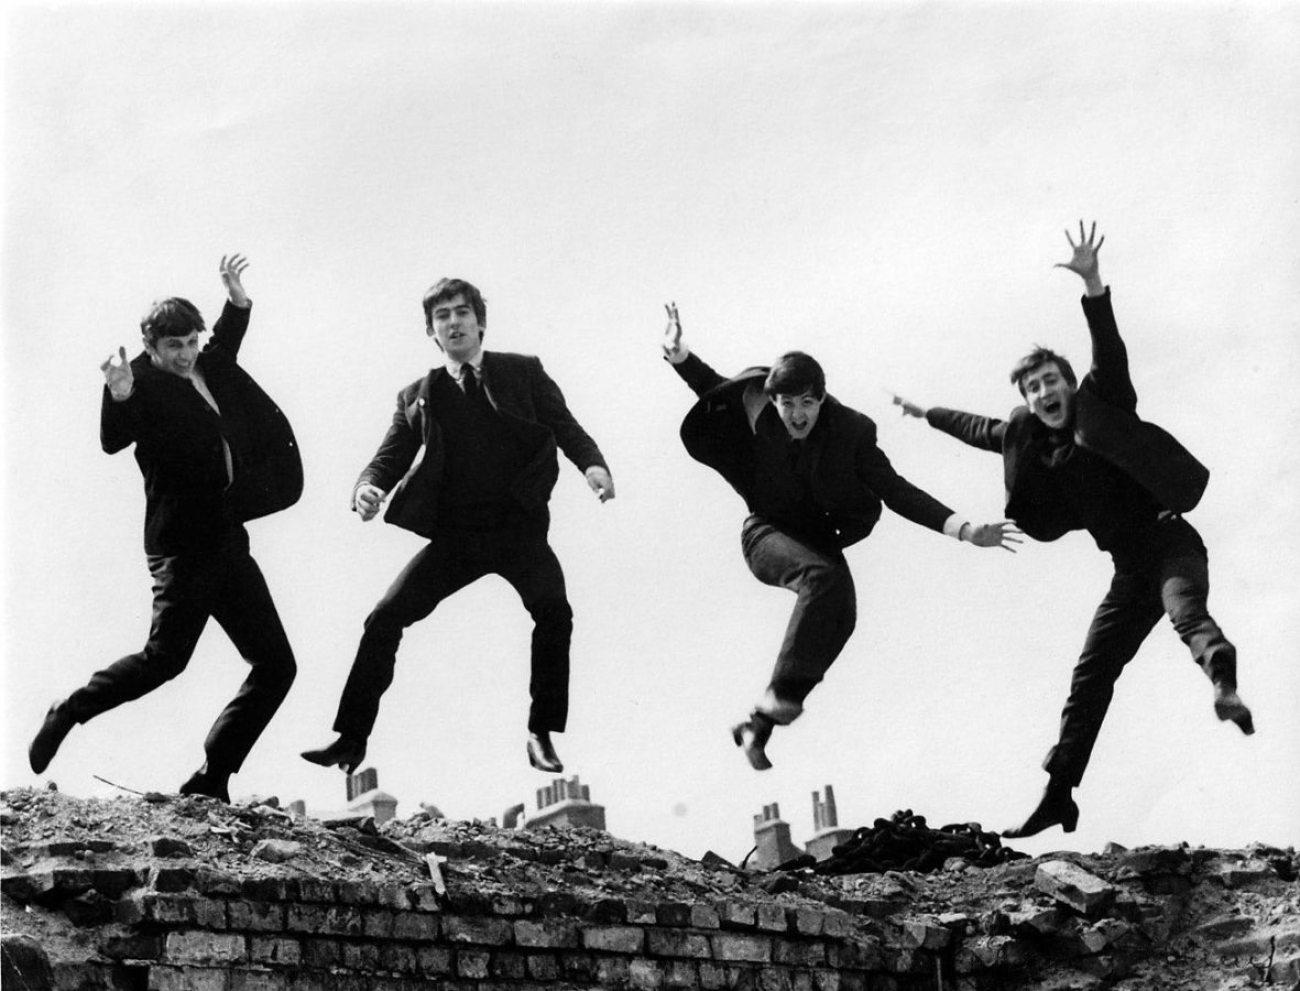 Hey Jude, Los Beatles finalmente llegan a los servicios de streaming de música